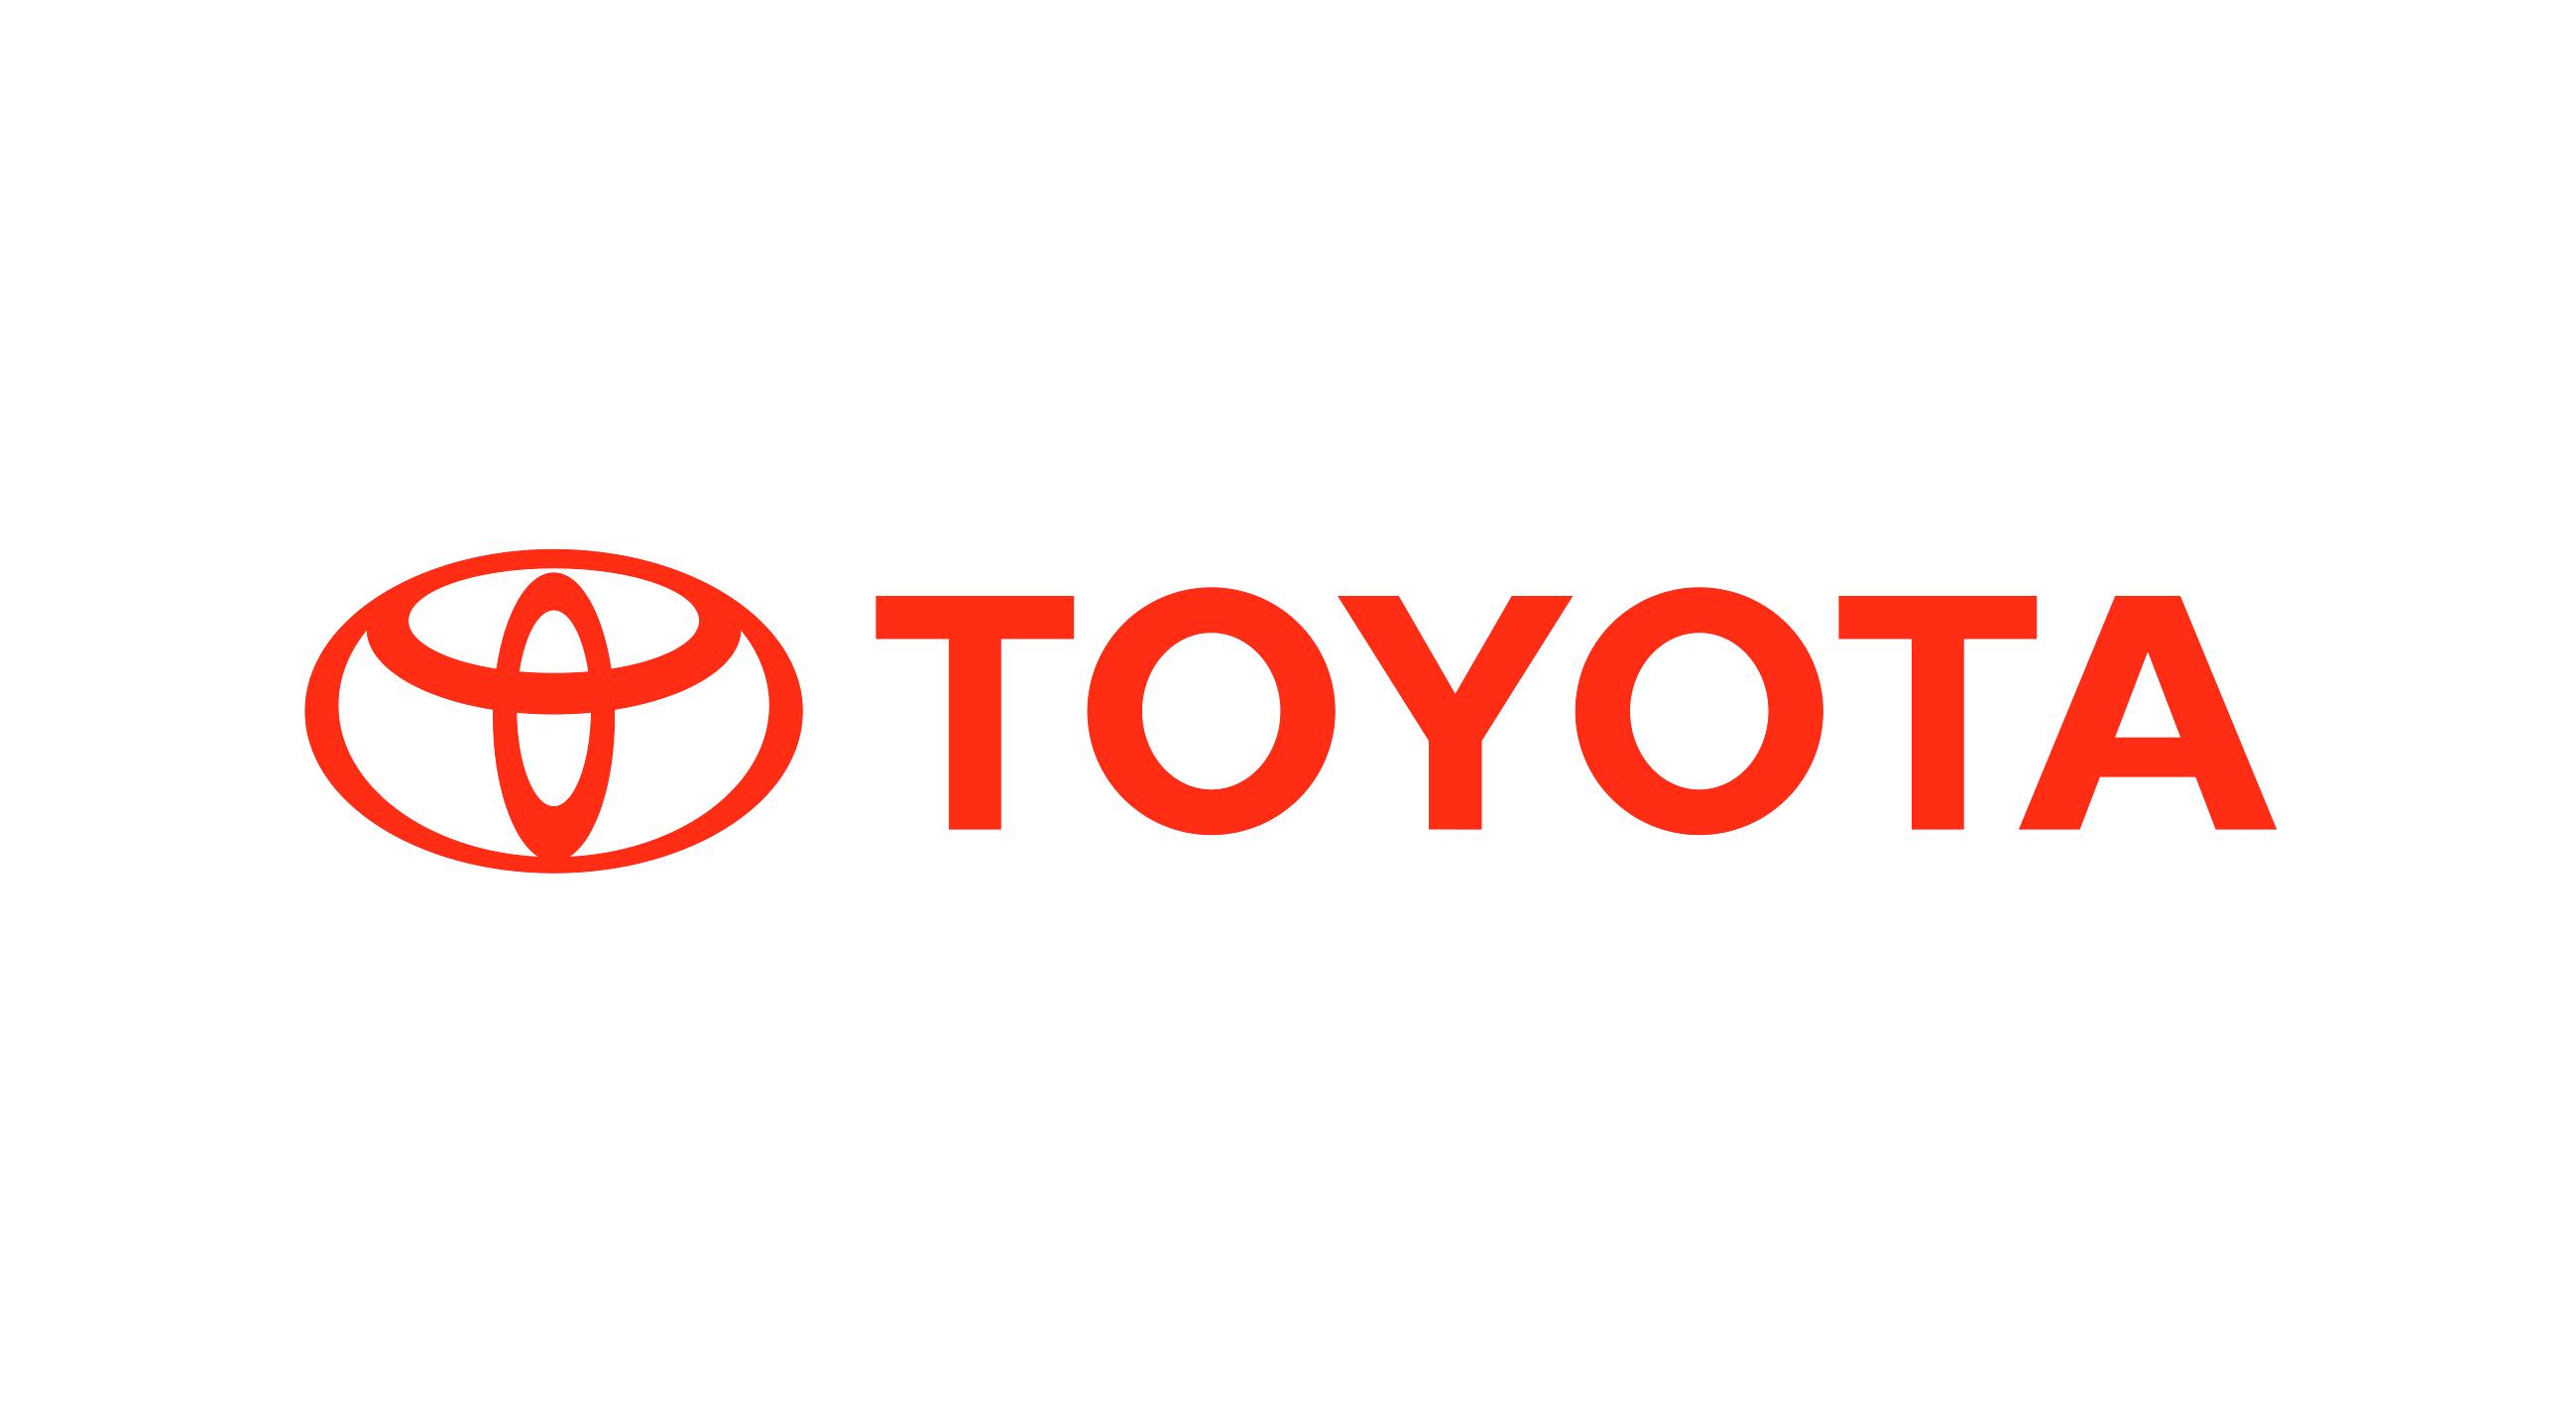 logo logo 标志 设计 矢量 矢量图 素材 图标 2598_1417